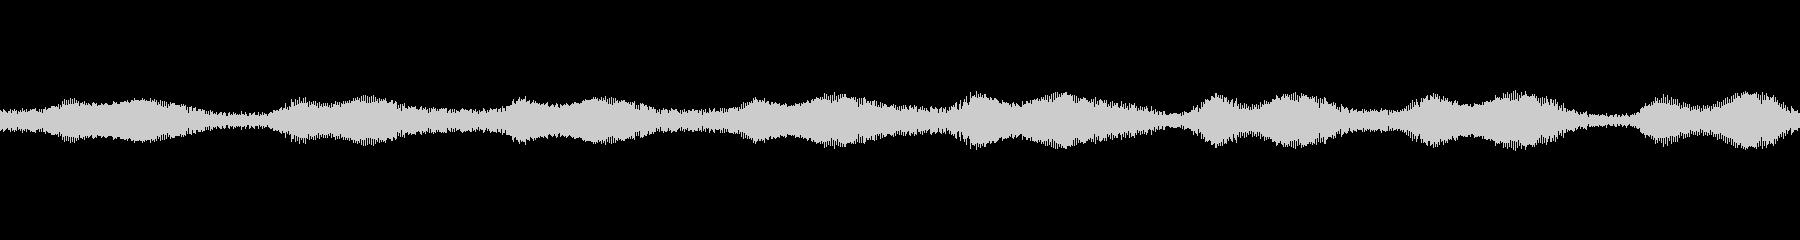 バイブレーション(ブー、ウィンウィン)の未再生の波形